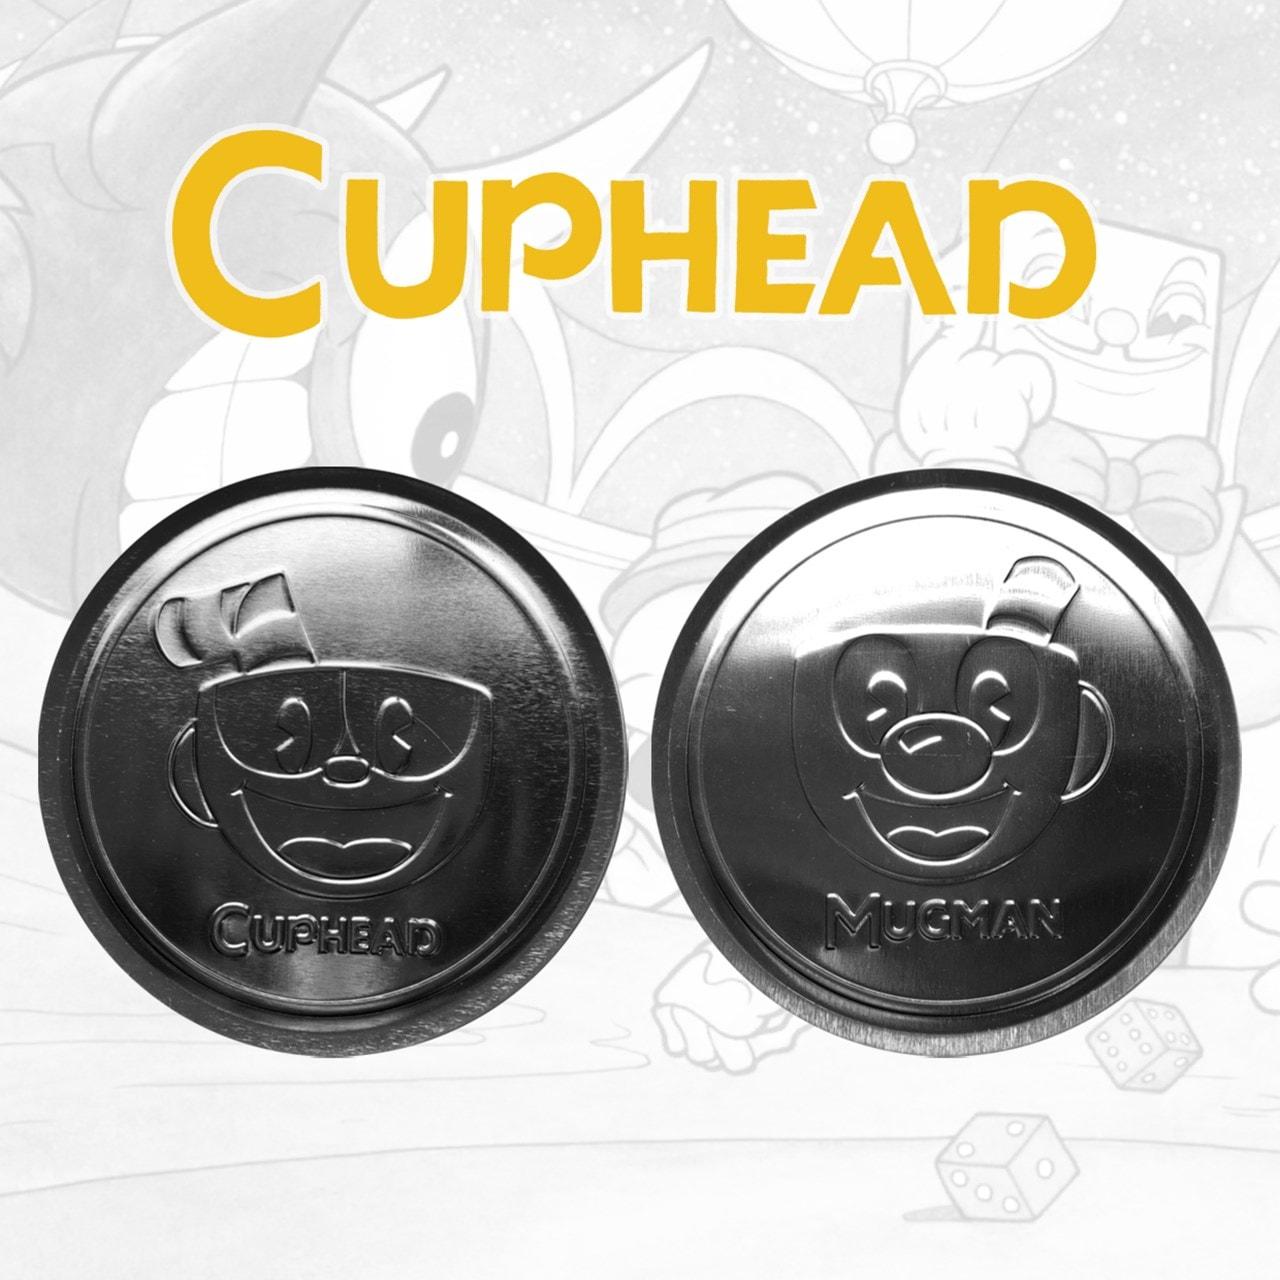 Cuphead: Metal Embossed Coaster Set - 3